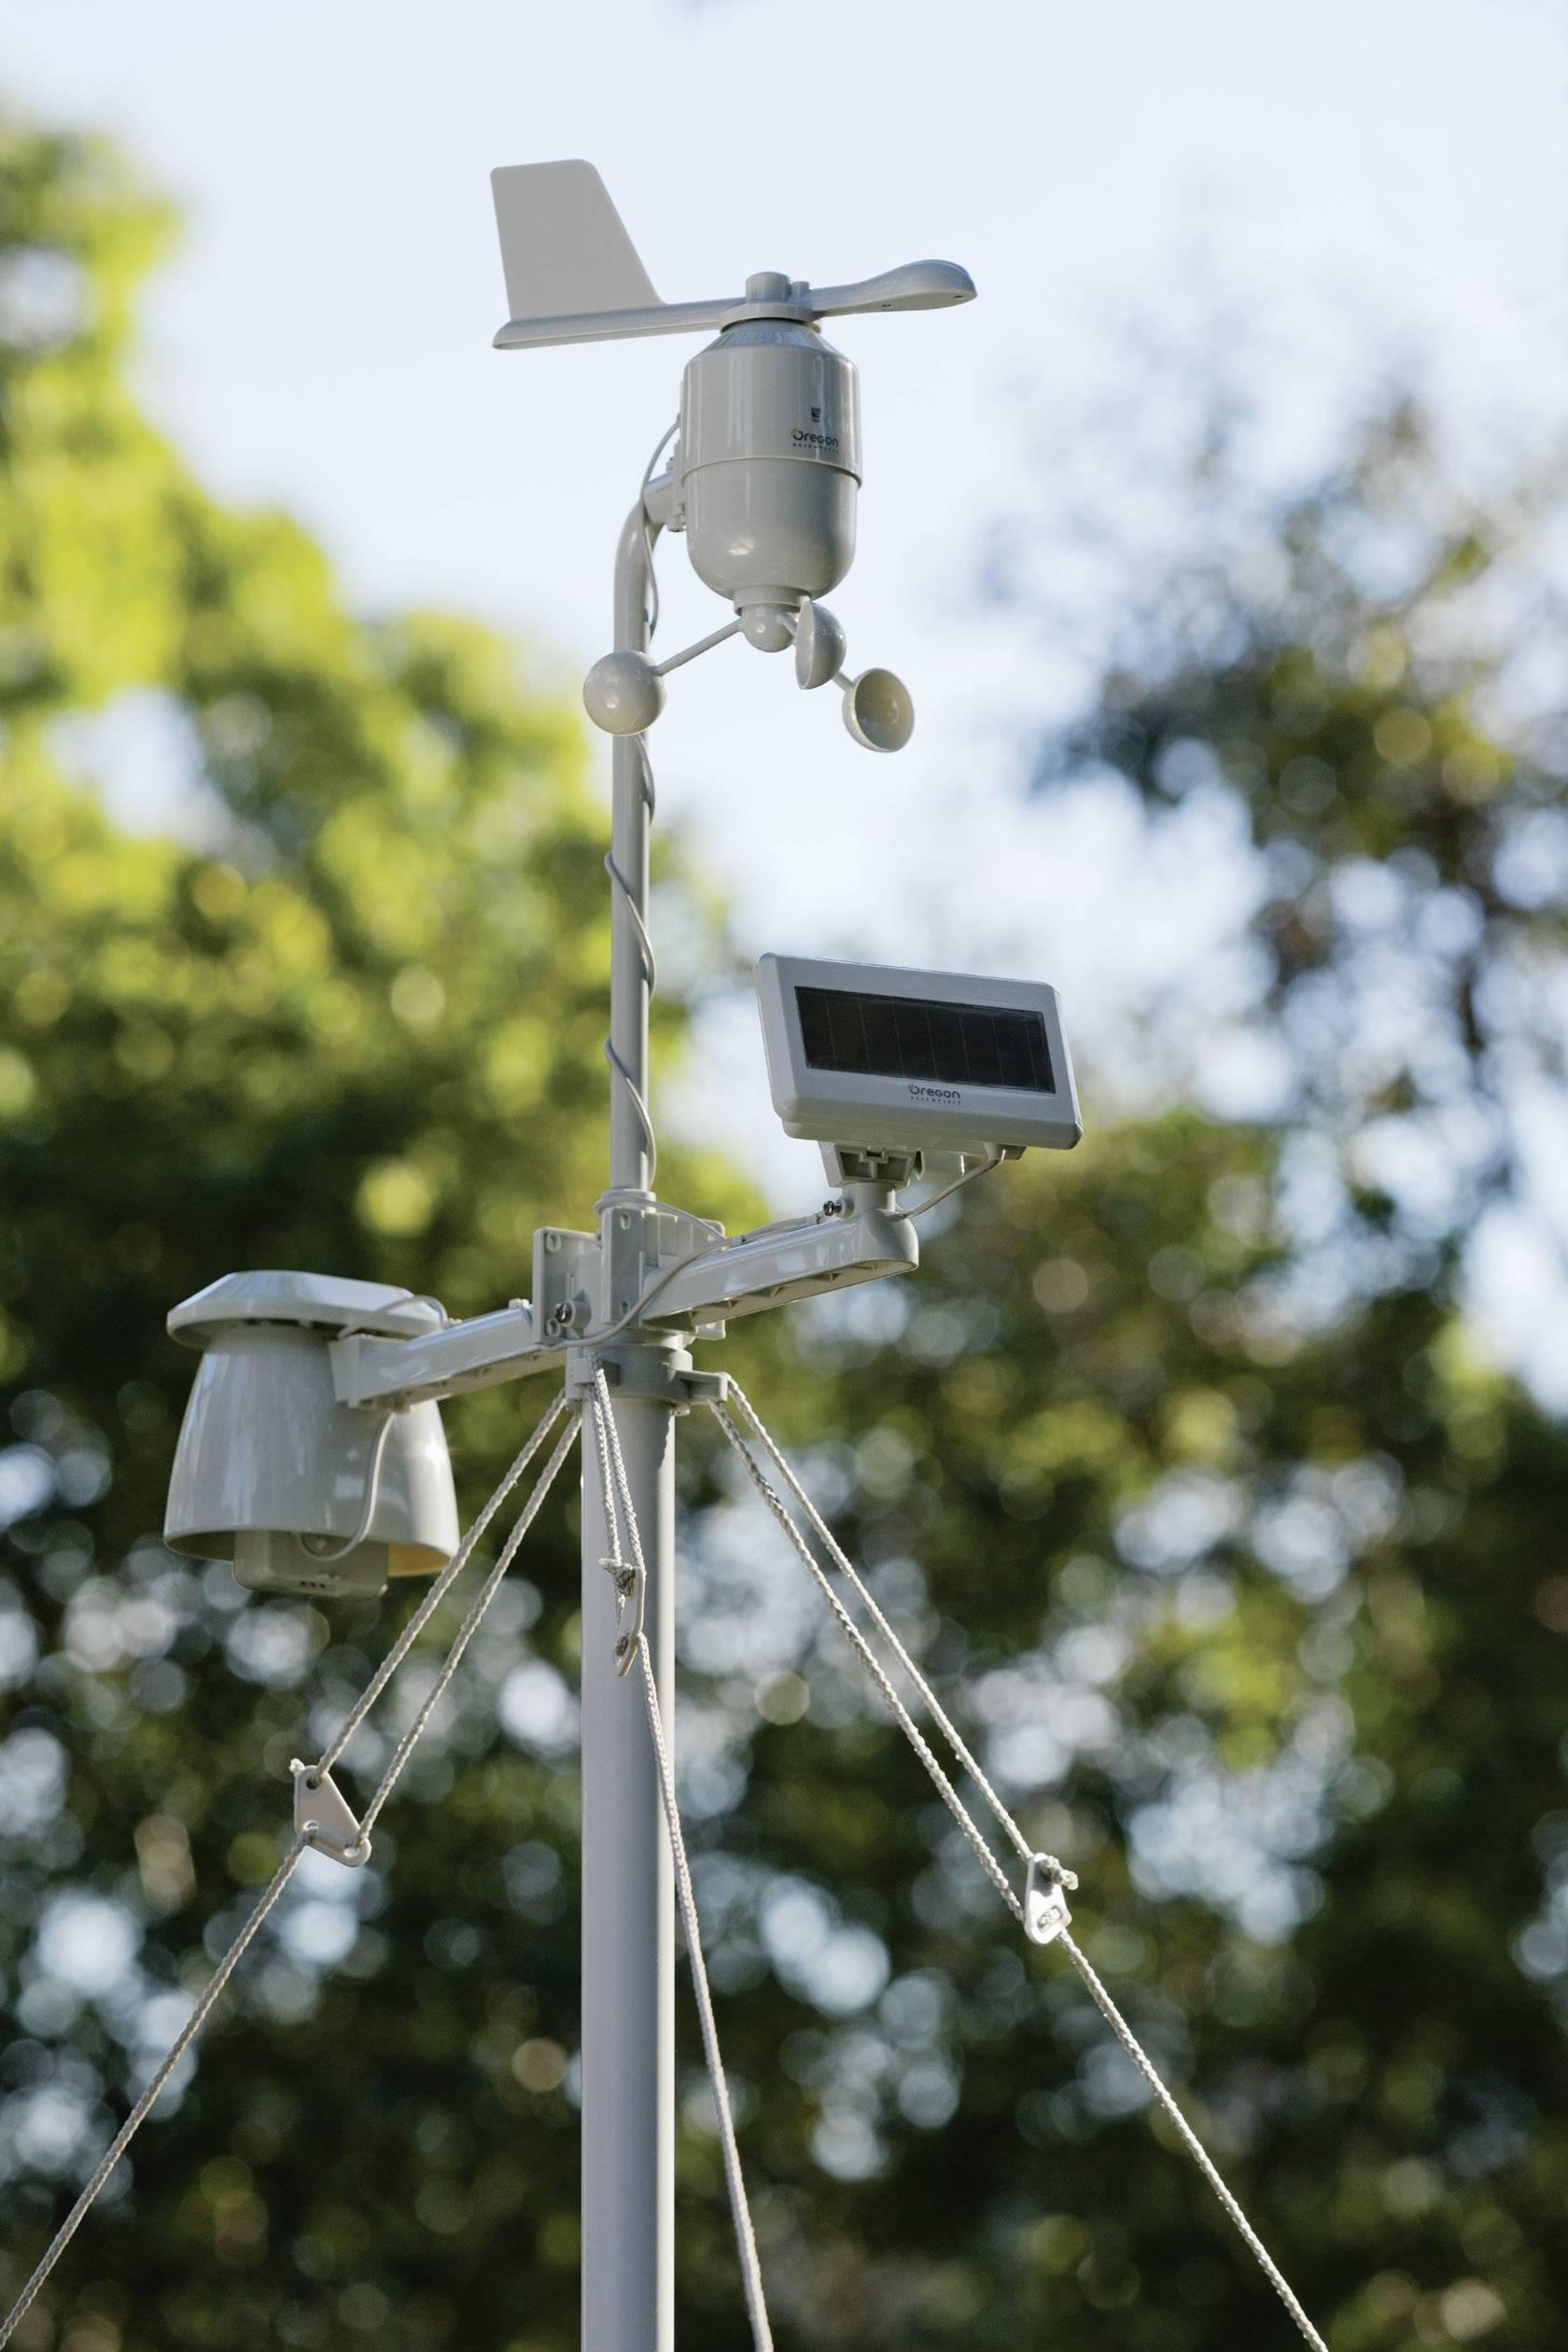 Digitální bezdrátová meteostanice Oregon Scientific WMR89 Professional WMR89, černá, stříbrná